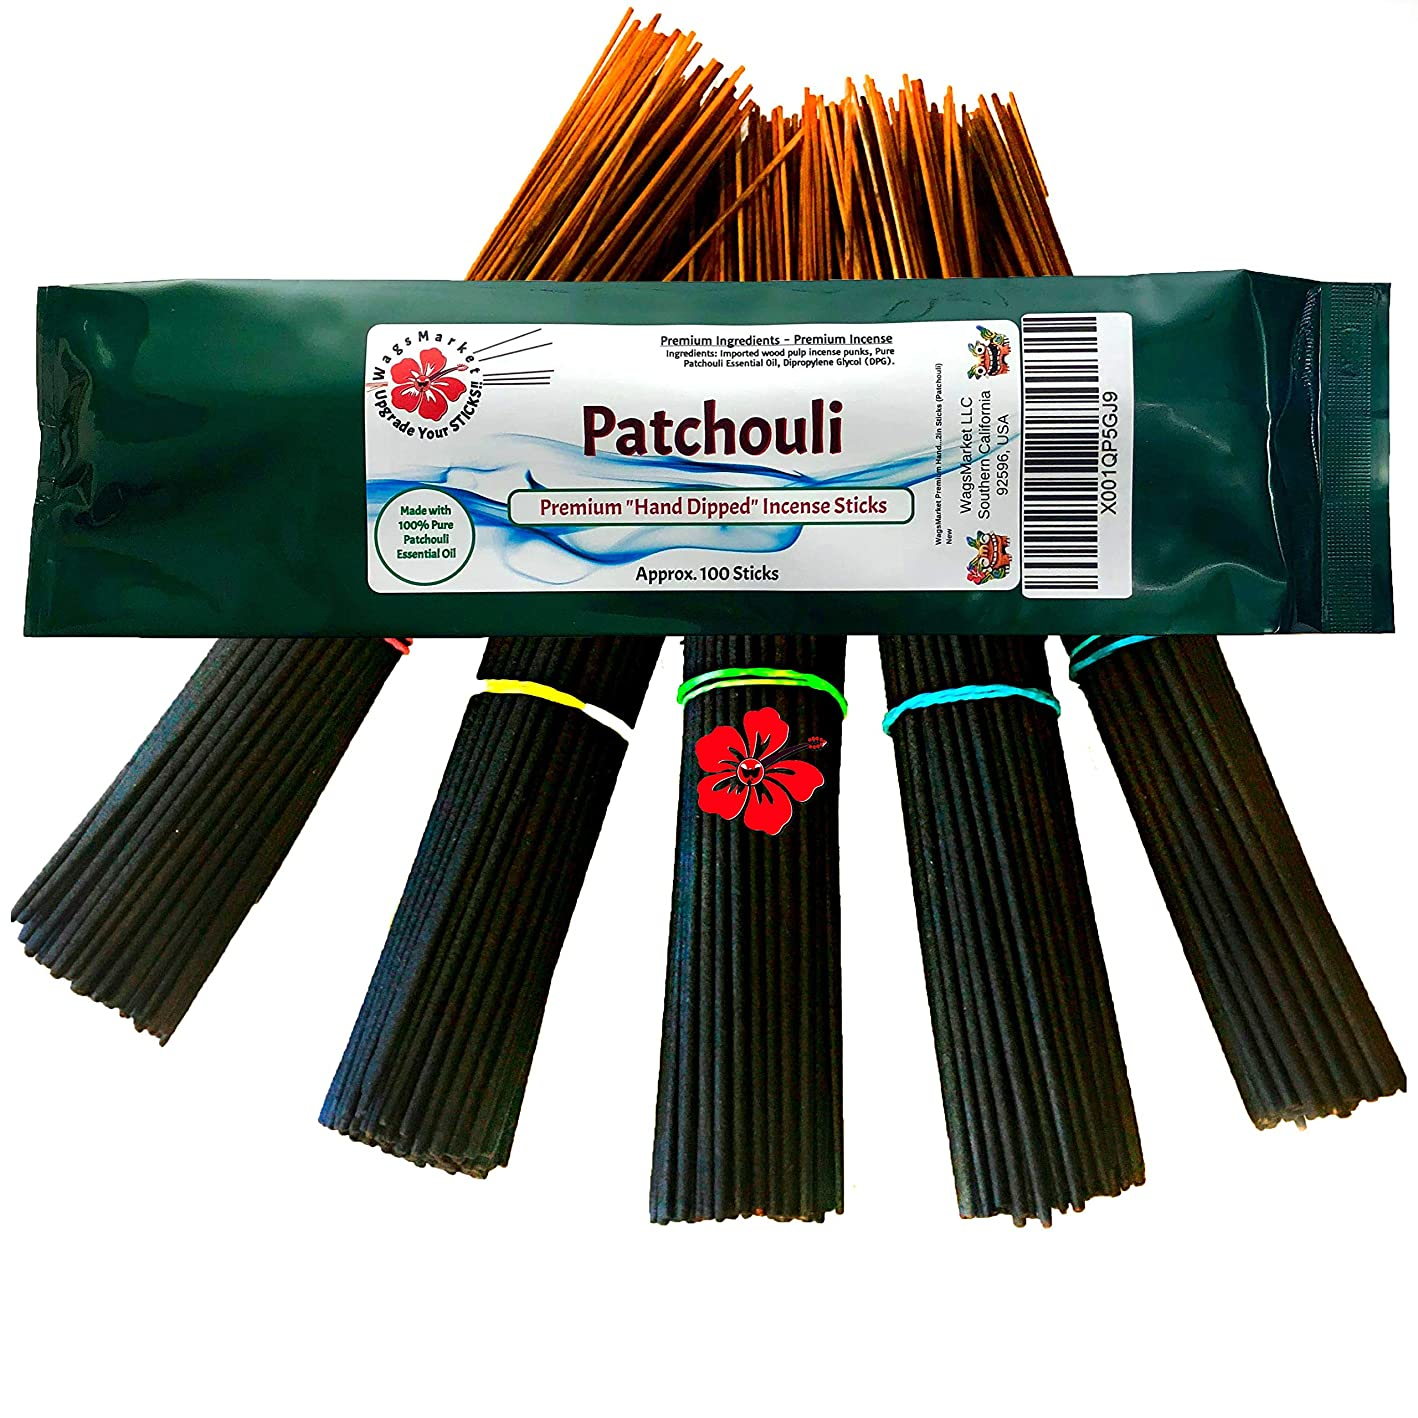 アンビエント水星反乱wagsmarket Incense Sticks?–?Patchouli | Nag Champa |サンダルウッド|ムスクSticks |ラベンダー|ジャスミン| and many more?–?You。セット」100スティックパック